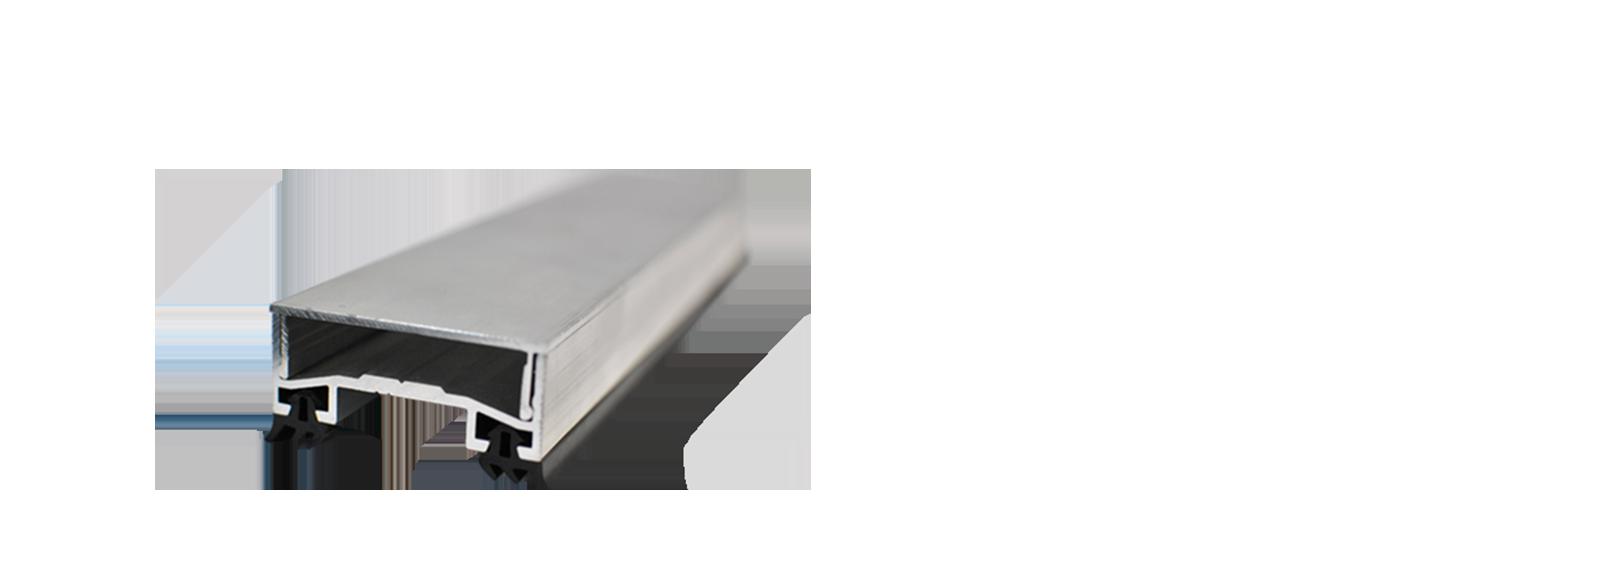 Alu Glas Profile ~ Produkte alu glas technik